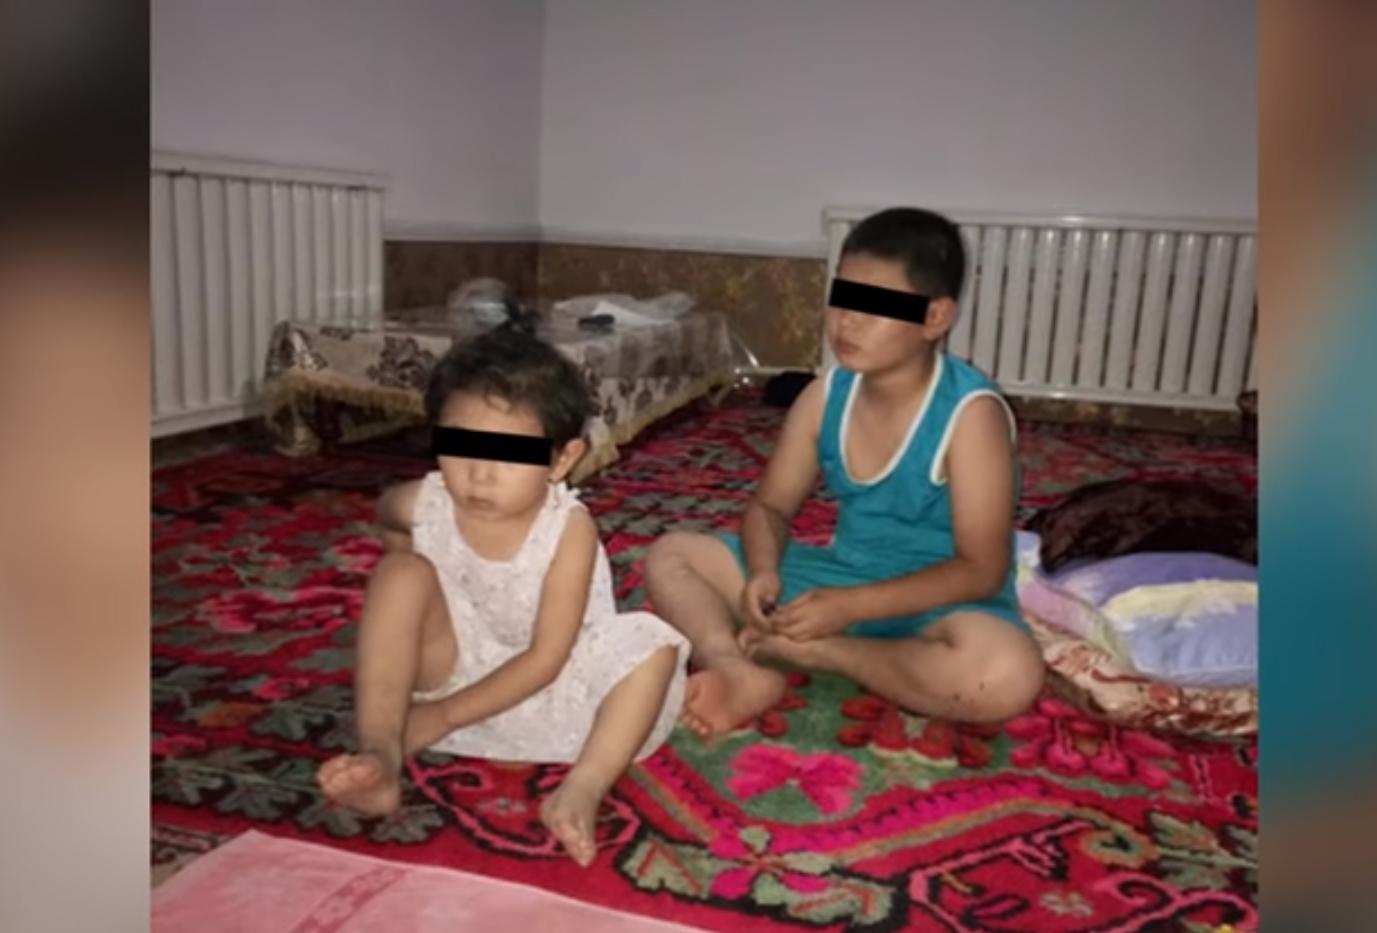 Terungkap, Begini Kondisi Anak-anak Muslim Uighur di Kamp Konsentrasi Cina